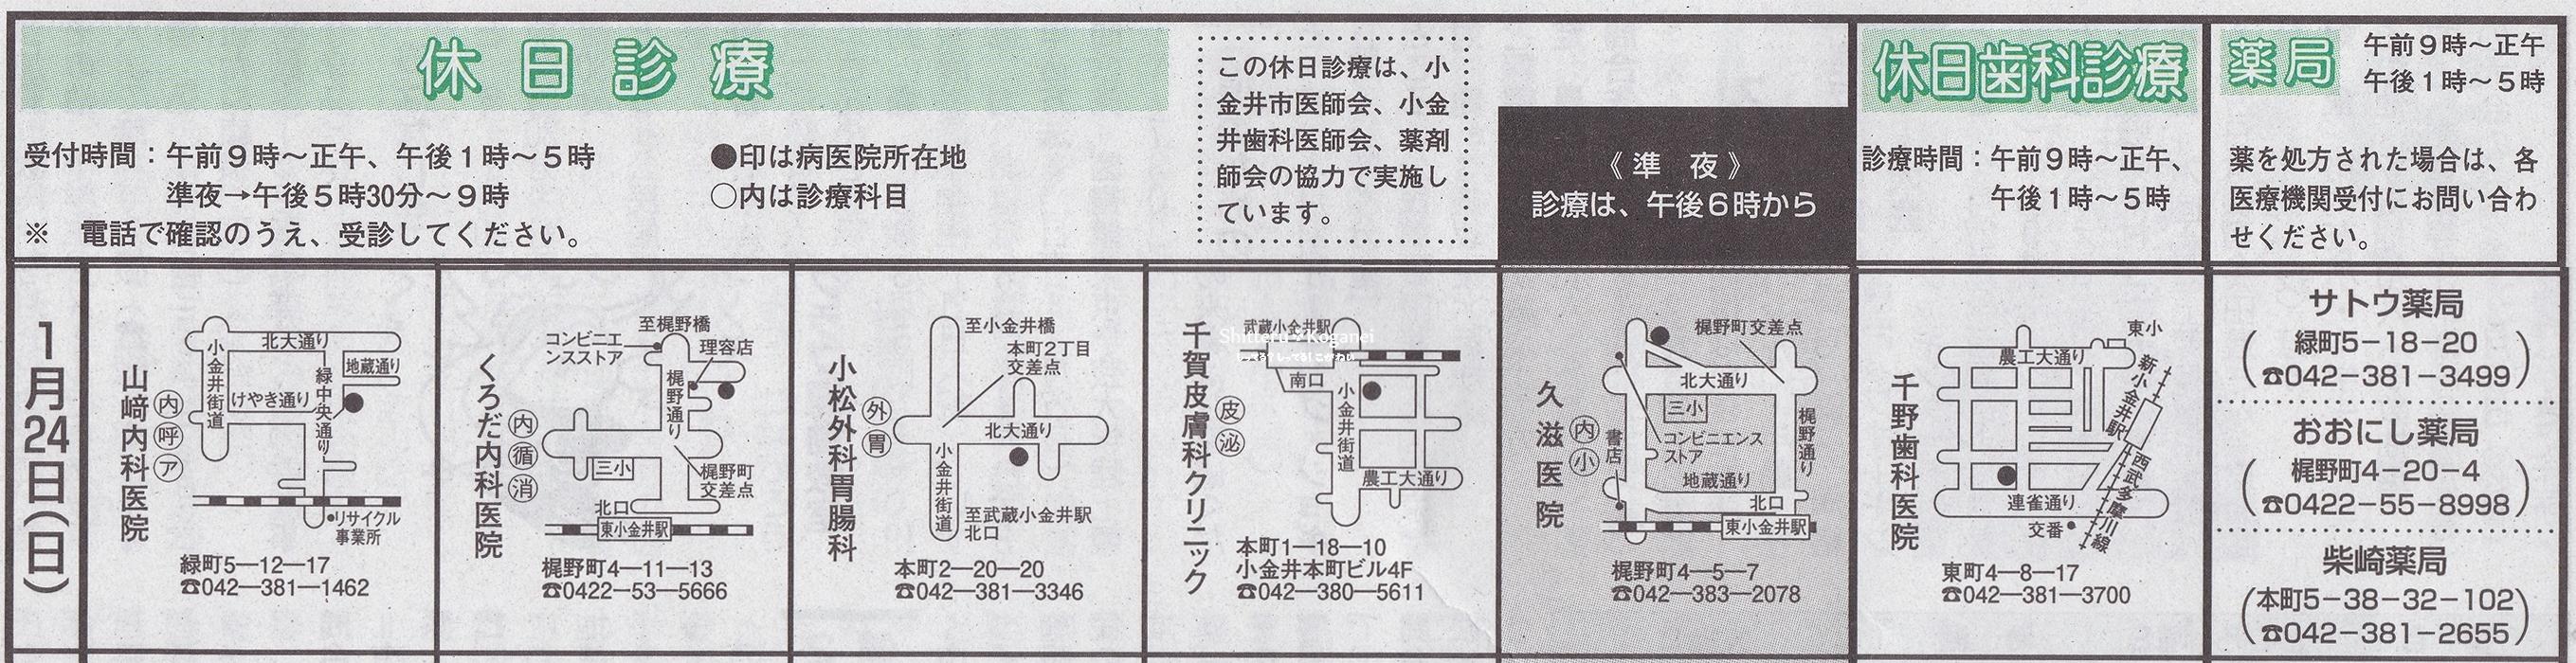 小金井市休日診療TOP_20160124